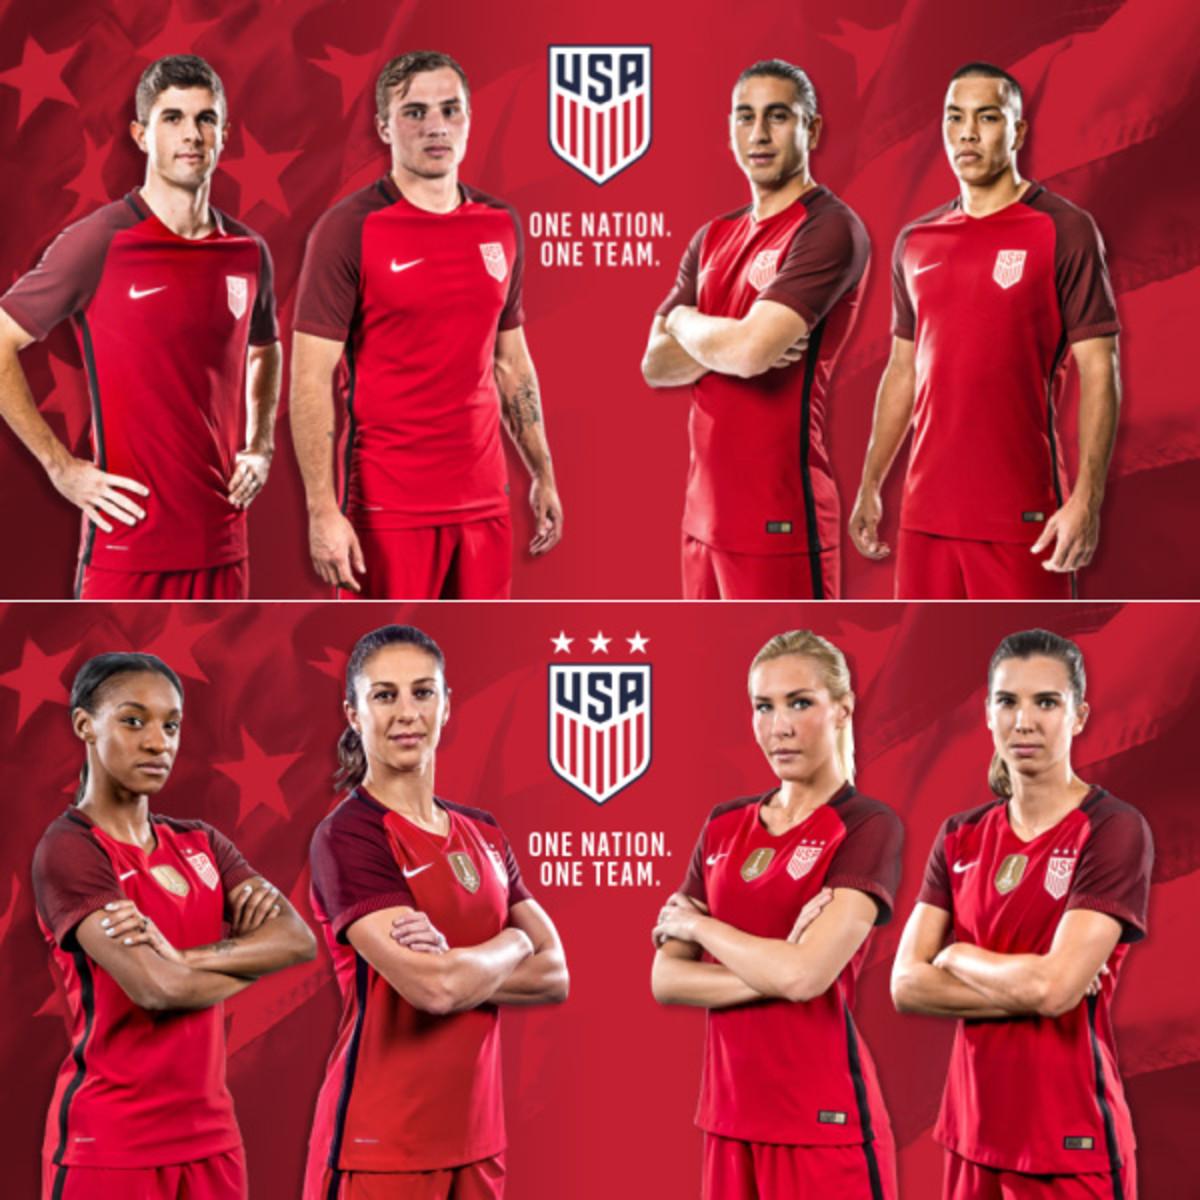 US-Soccer-Red.jpg